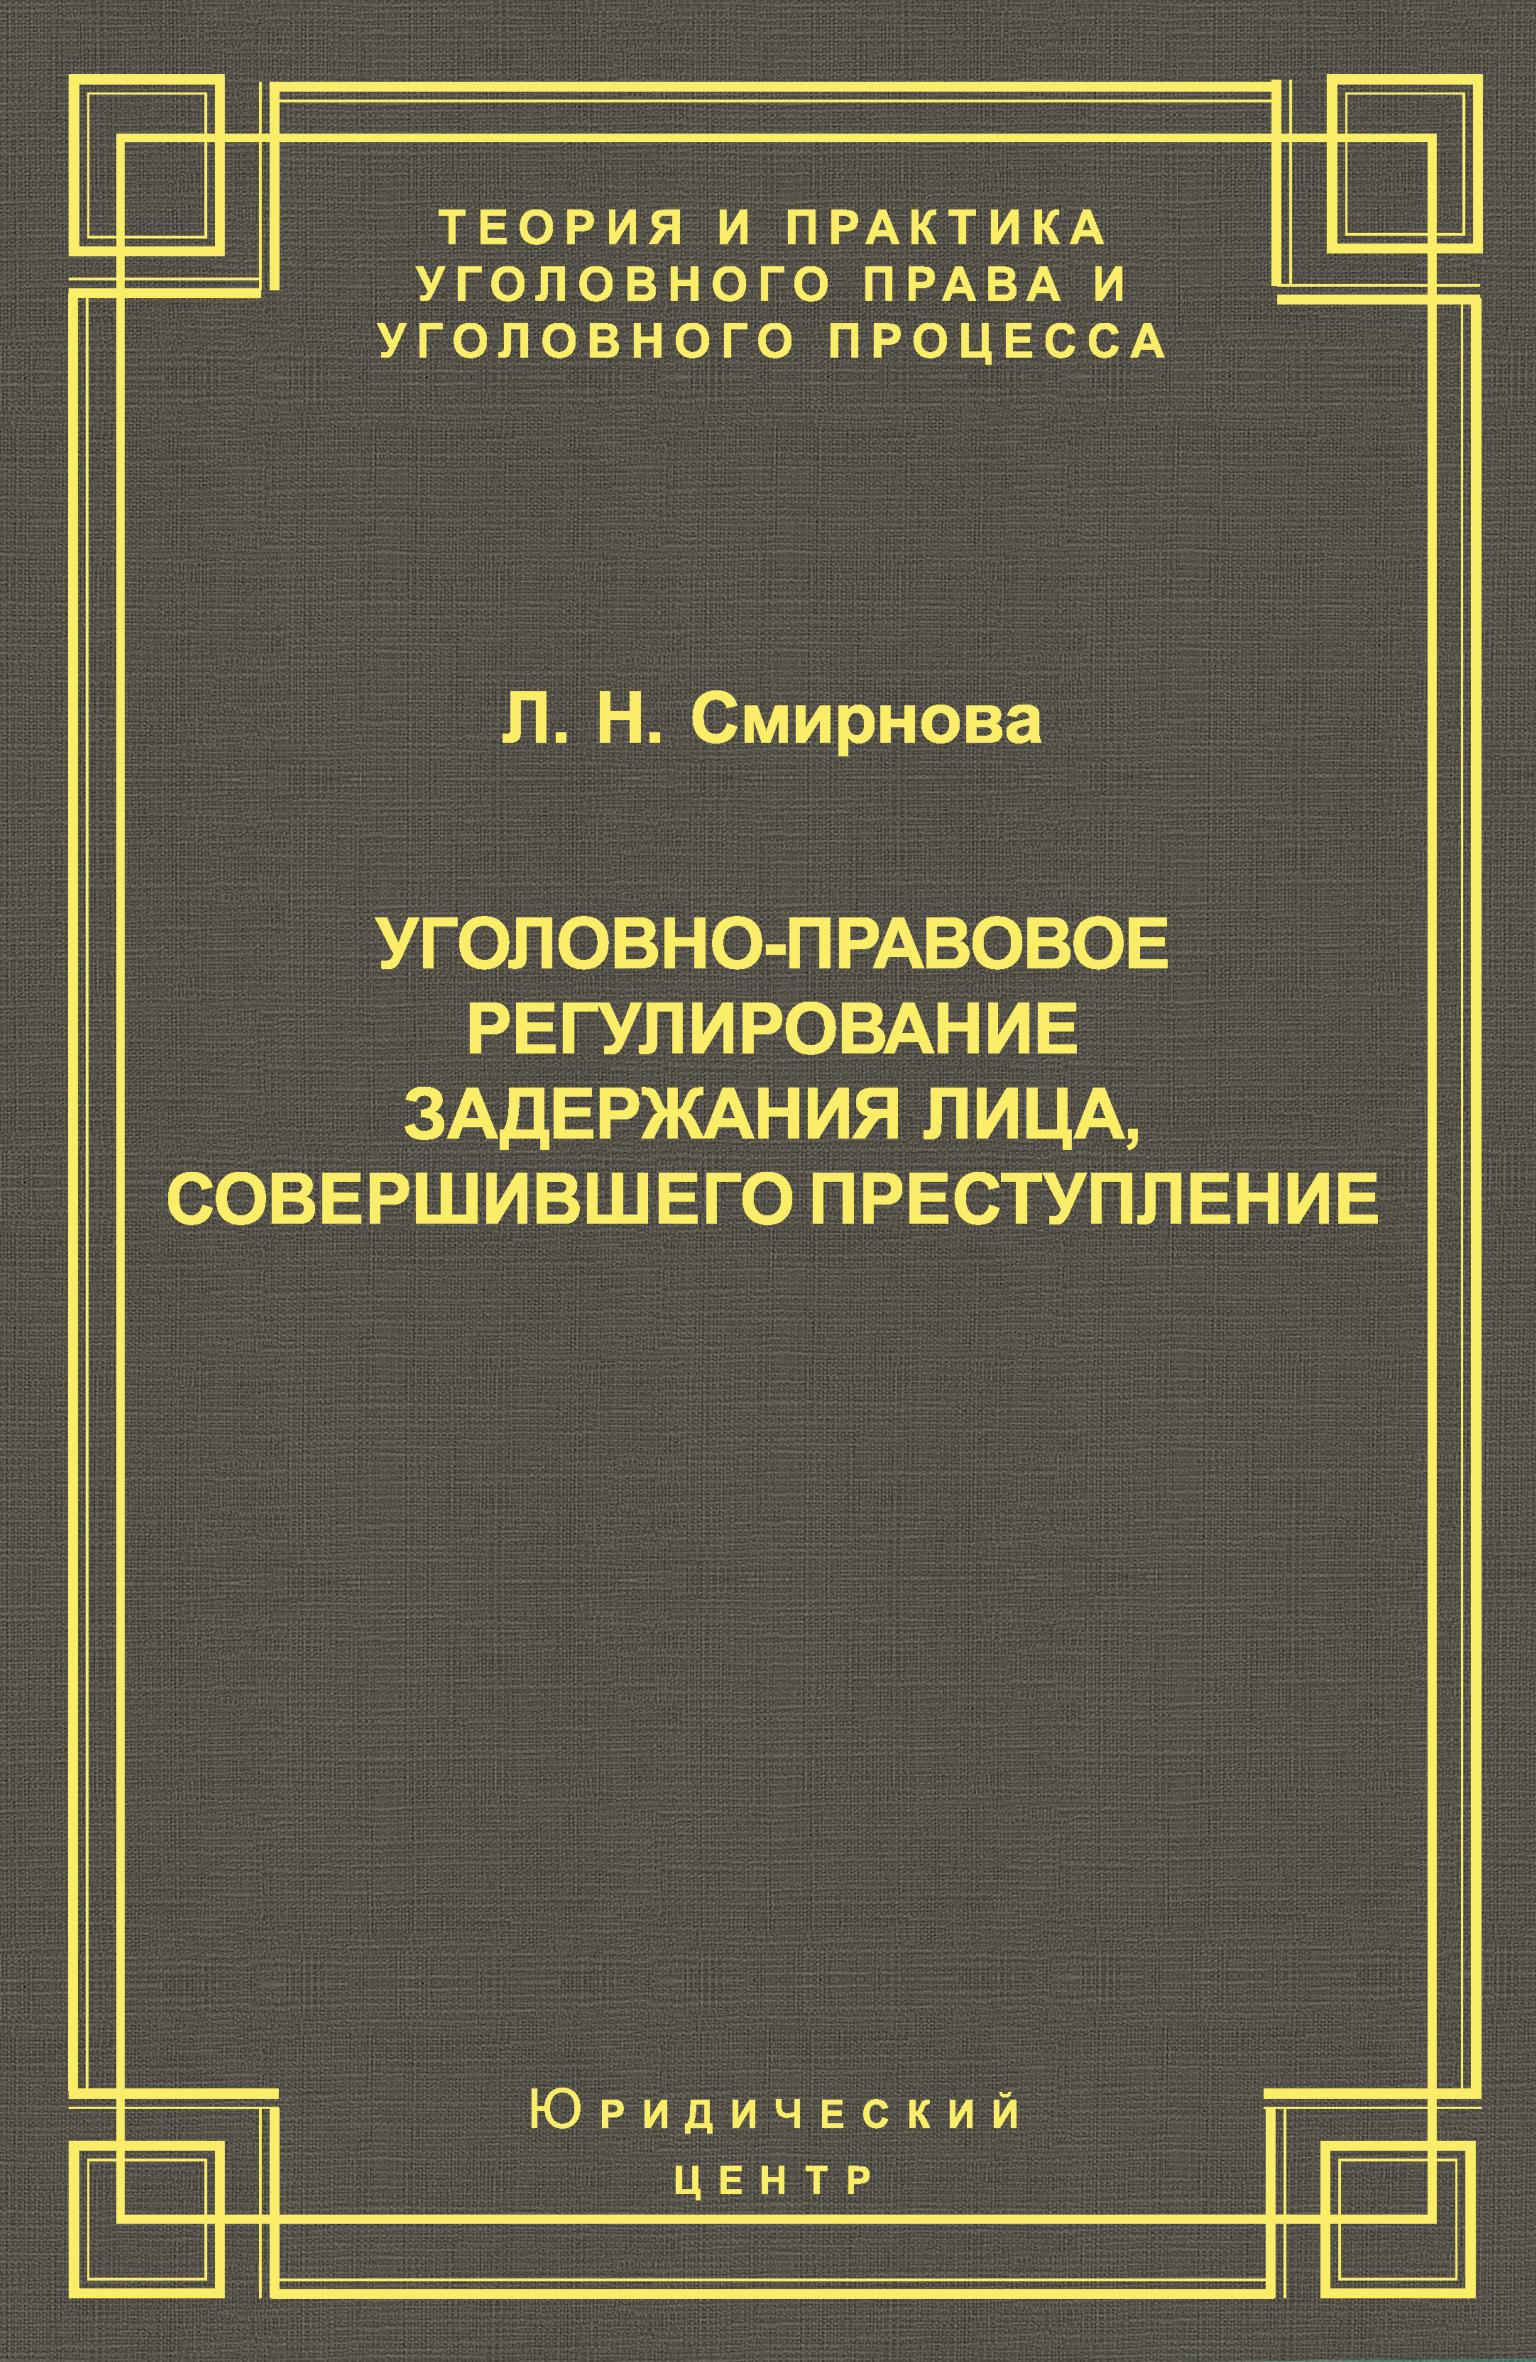 Л. Н. Смирнова Уголовно-правовое регулирование задержания лица, совершившего преступление